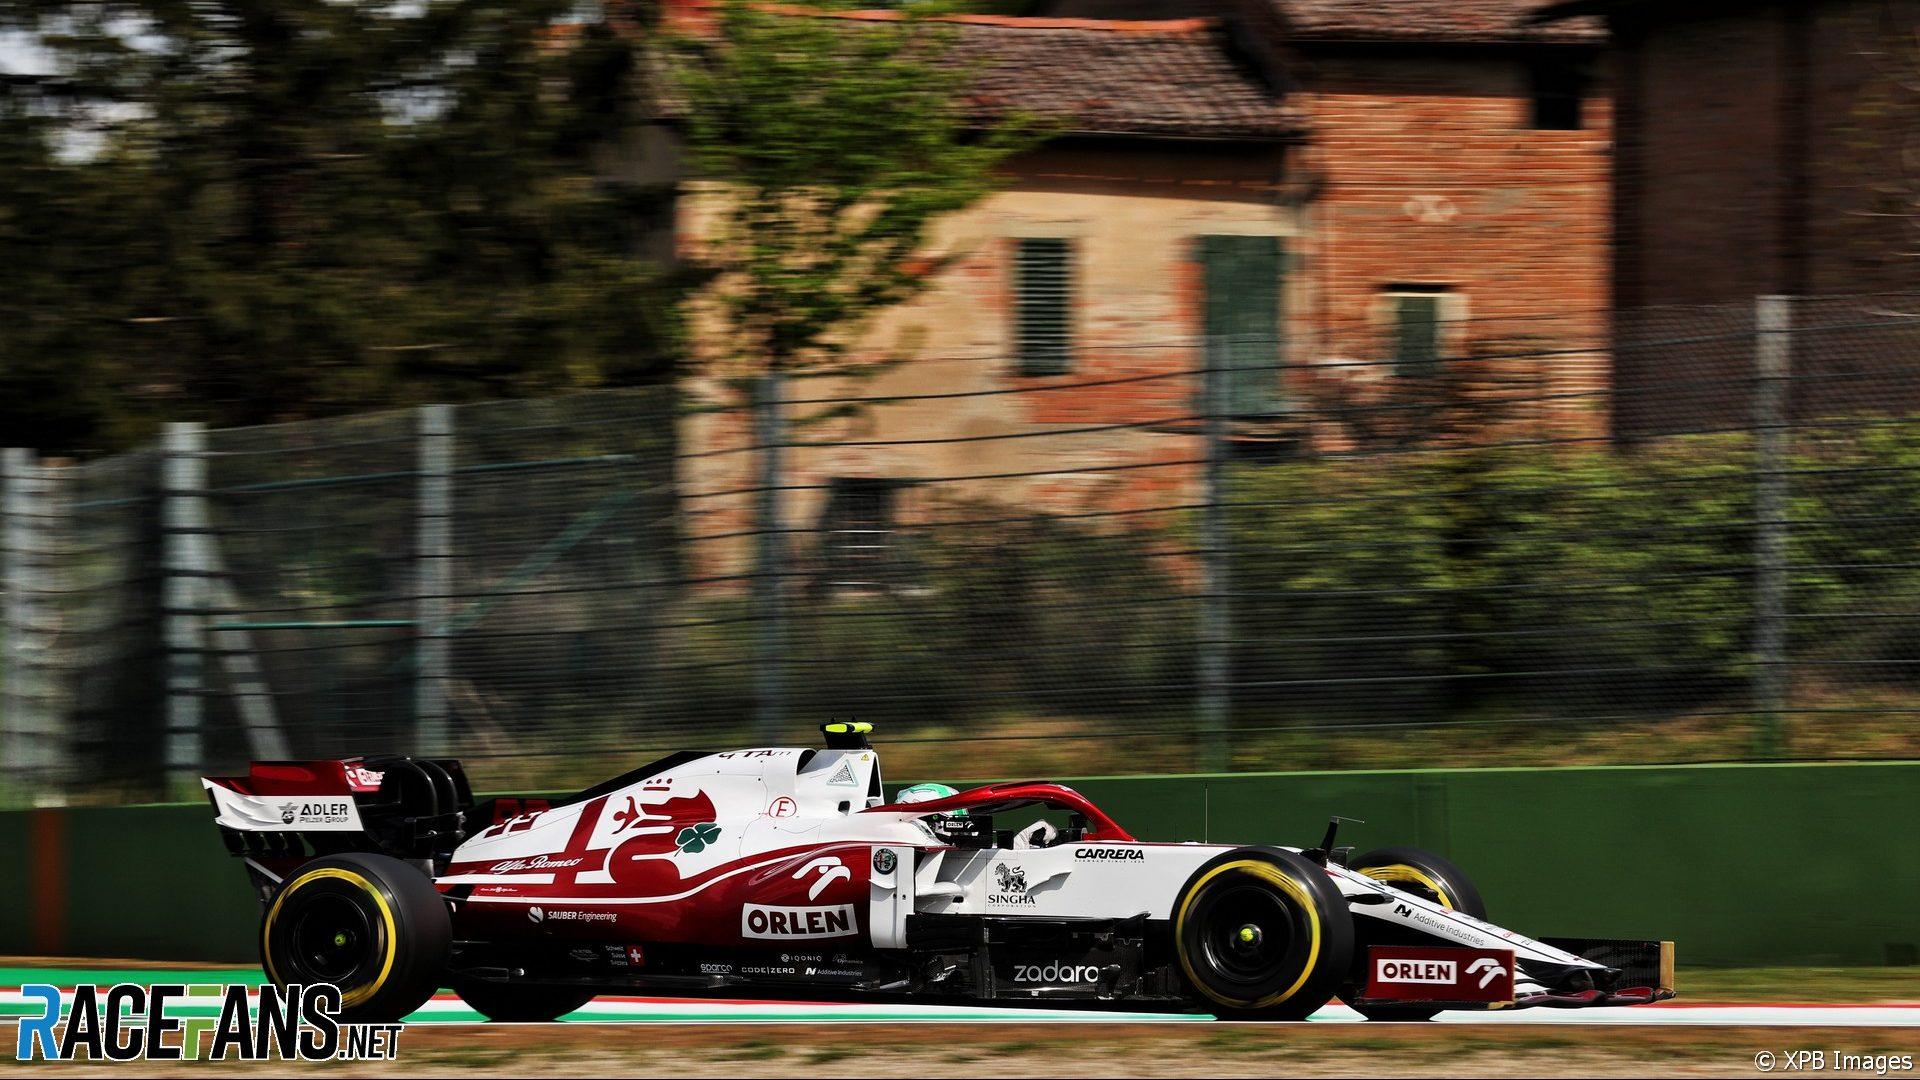 Antonio Giovinazzi, Alfa Romeo, Imola, 2021